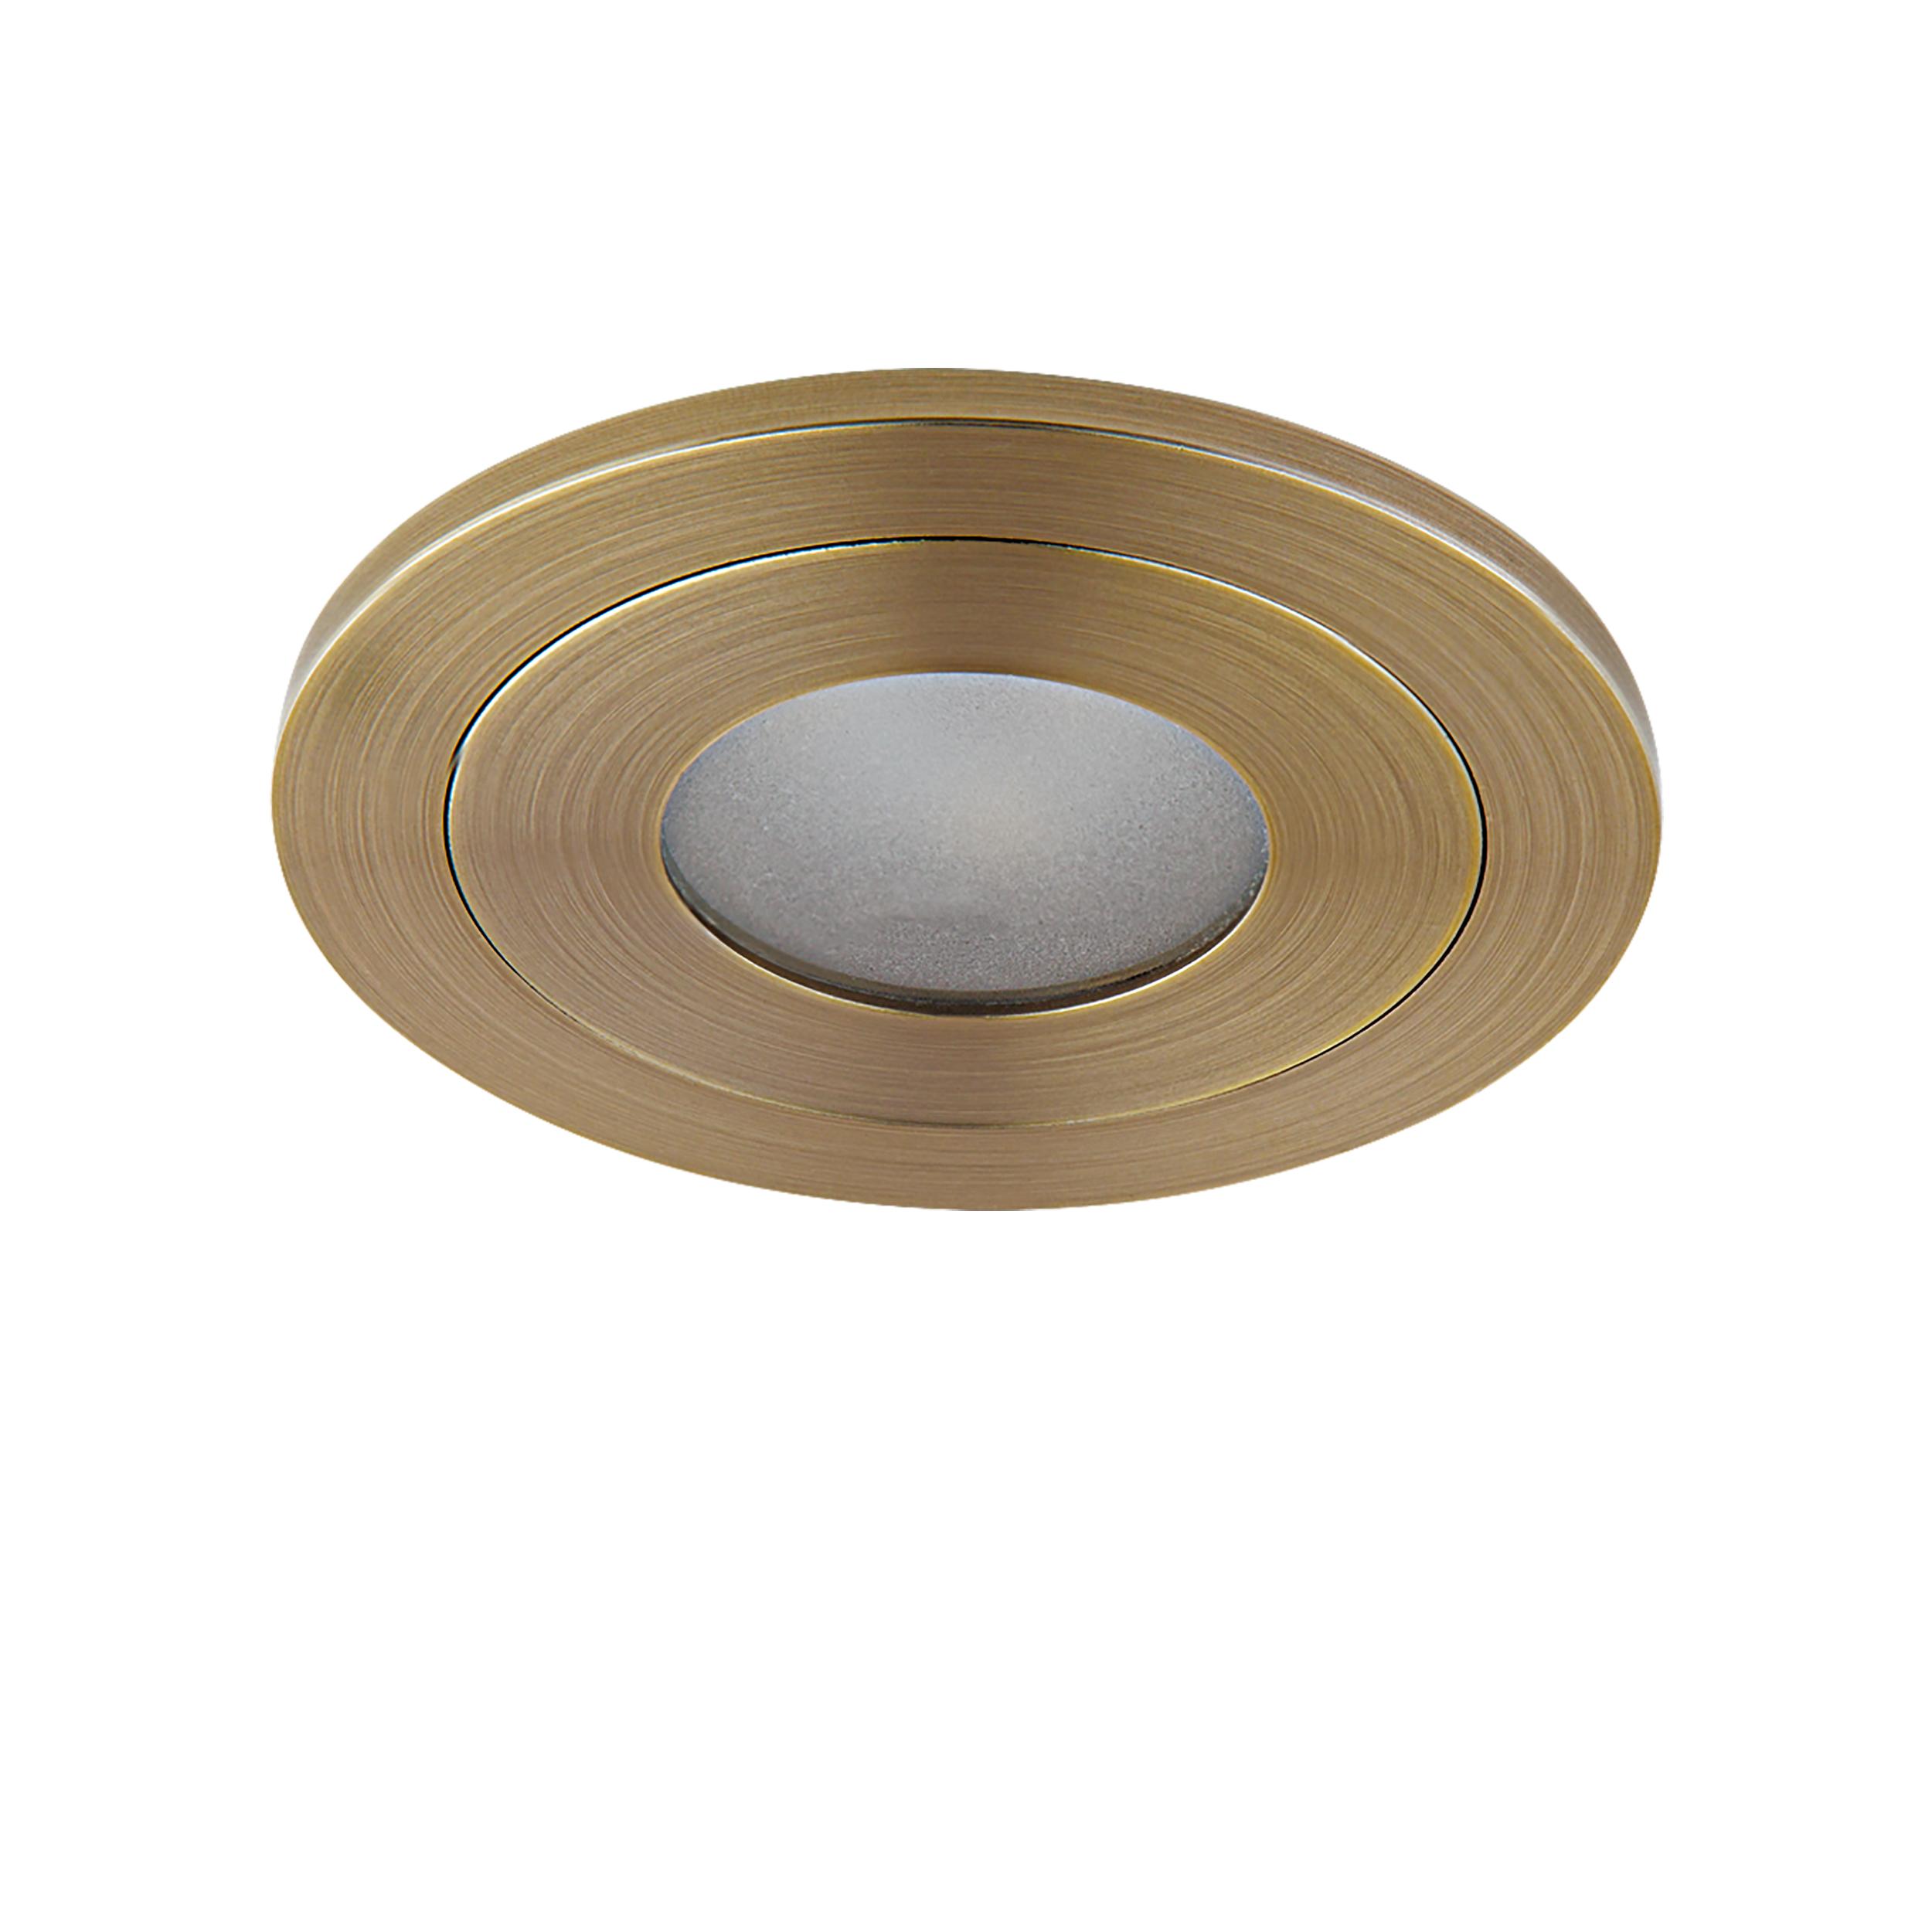 Встраиваемый светодиодный светильник Lightstar LEDdy 212173, IP44, LED 3W 4000K 240lm, бронза, металл - фото 1